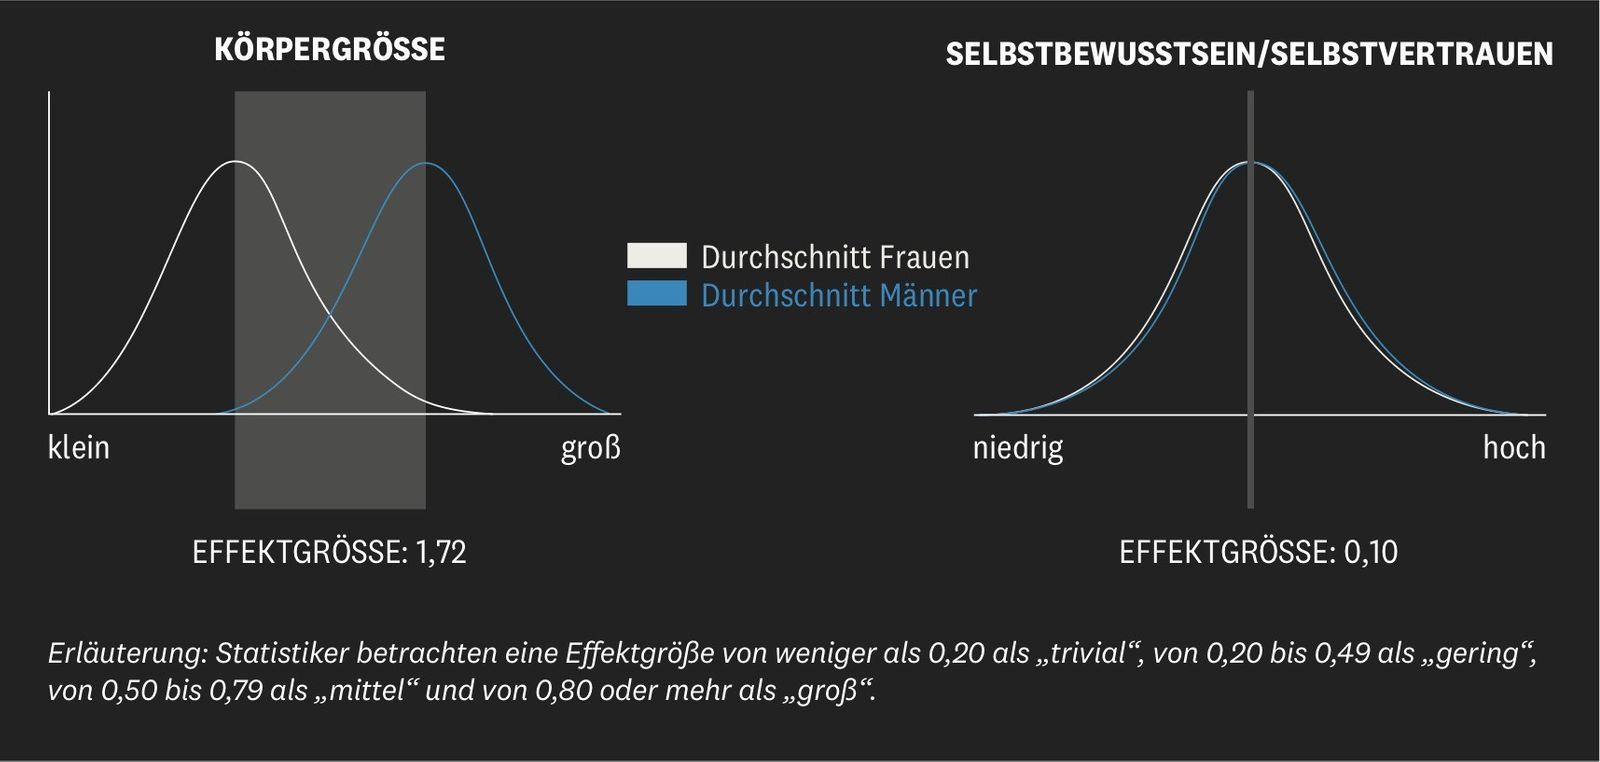 Körpergröße deutschland statistik Durchschnittsgröße im